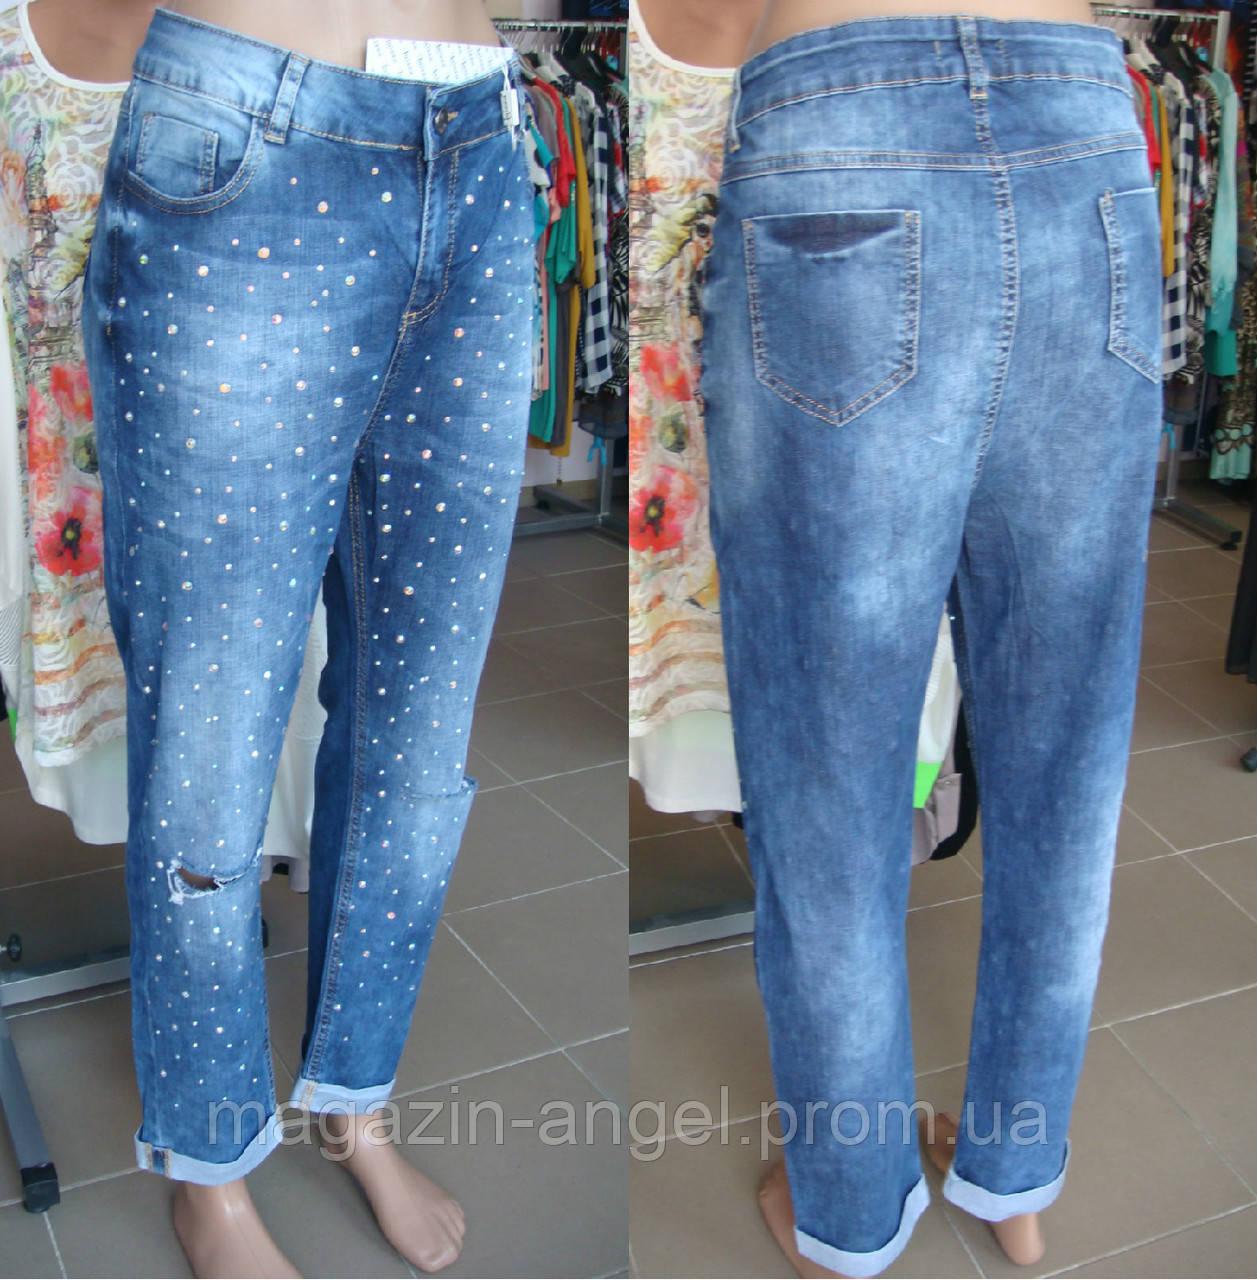 Где купить джинсы больших размеров доставка